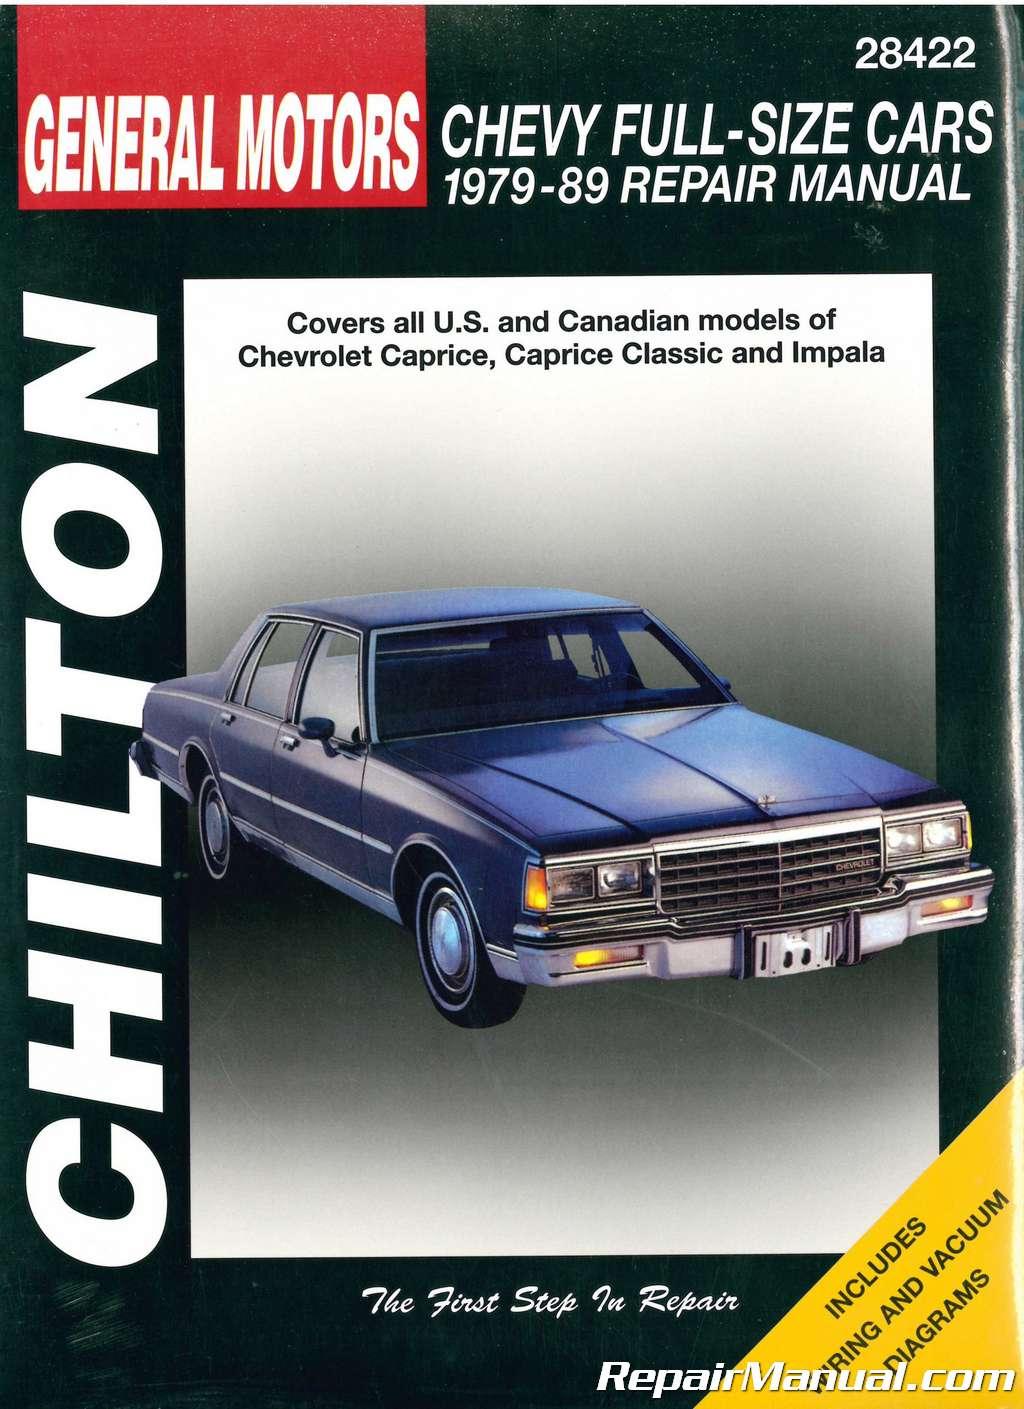 chilton chevrolet full size cars 1979 1989 repair manual rh repairmanual com repair manuals for cars free repair manual for case 1845